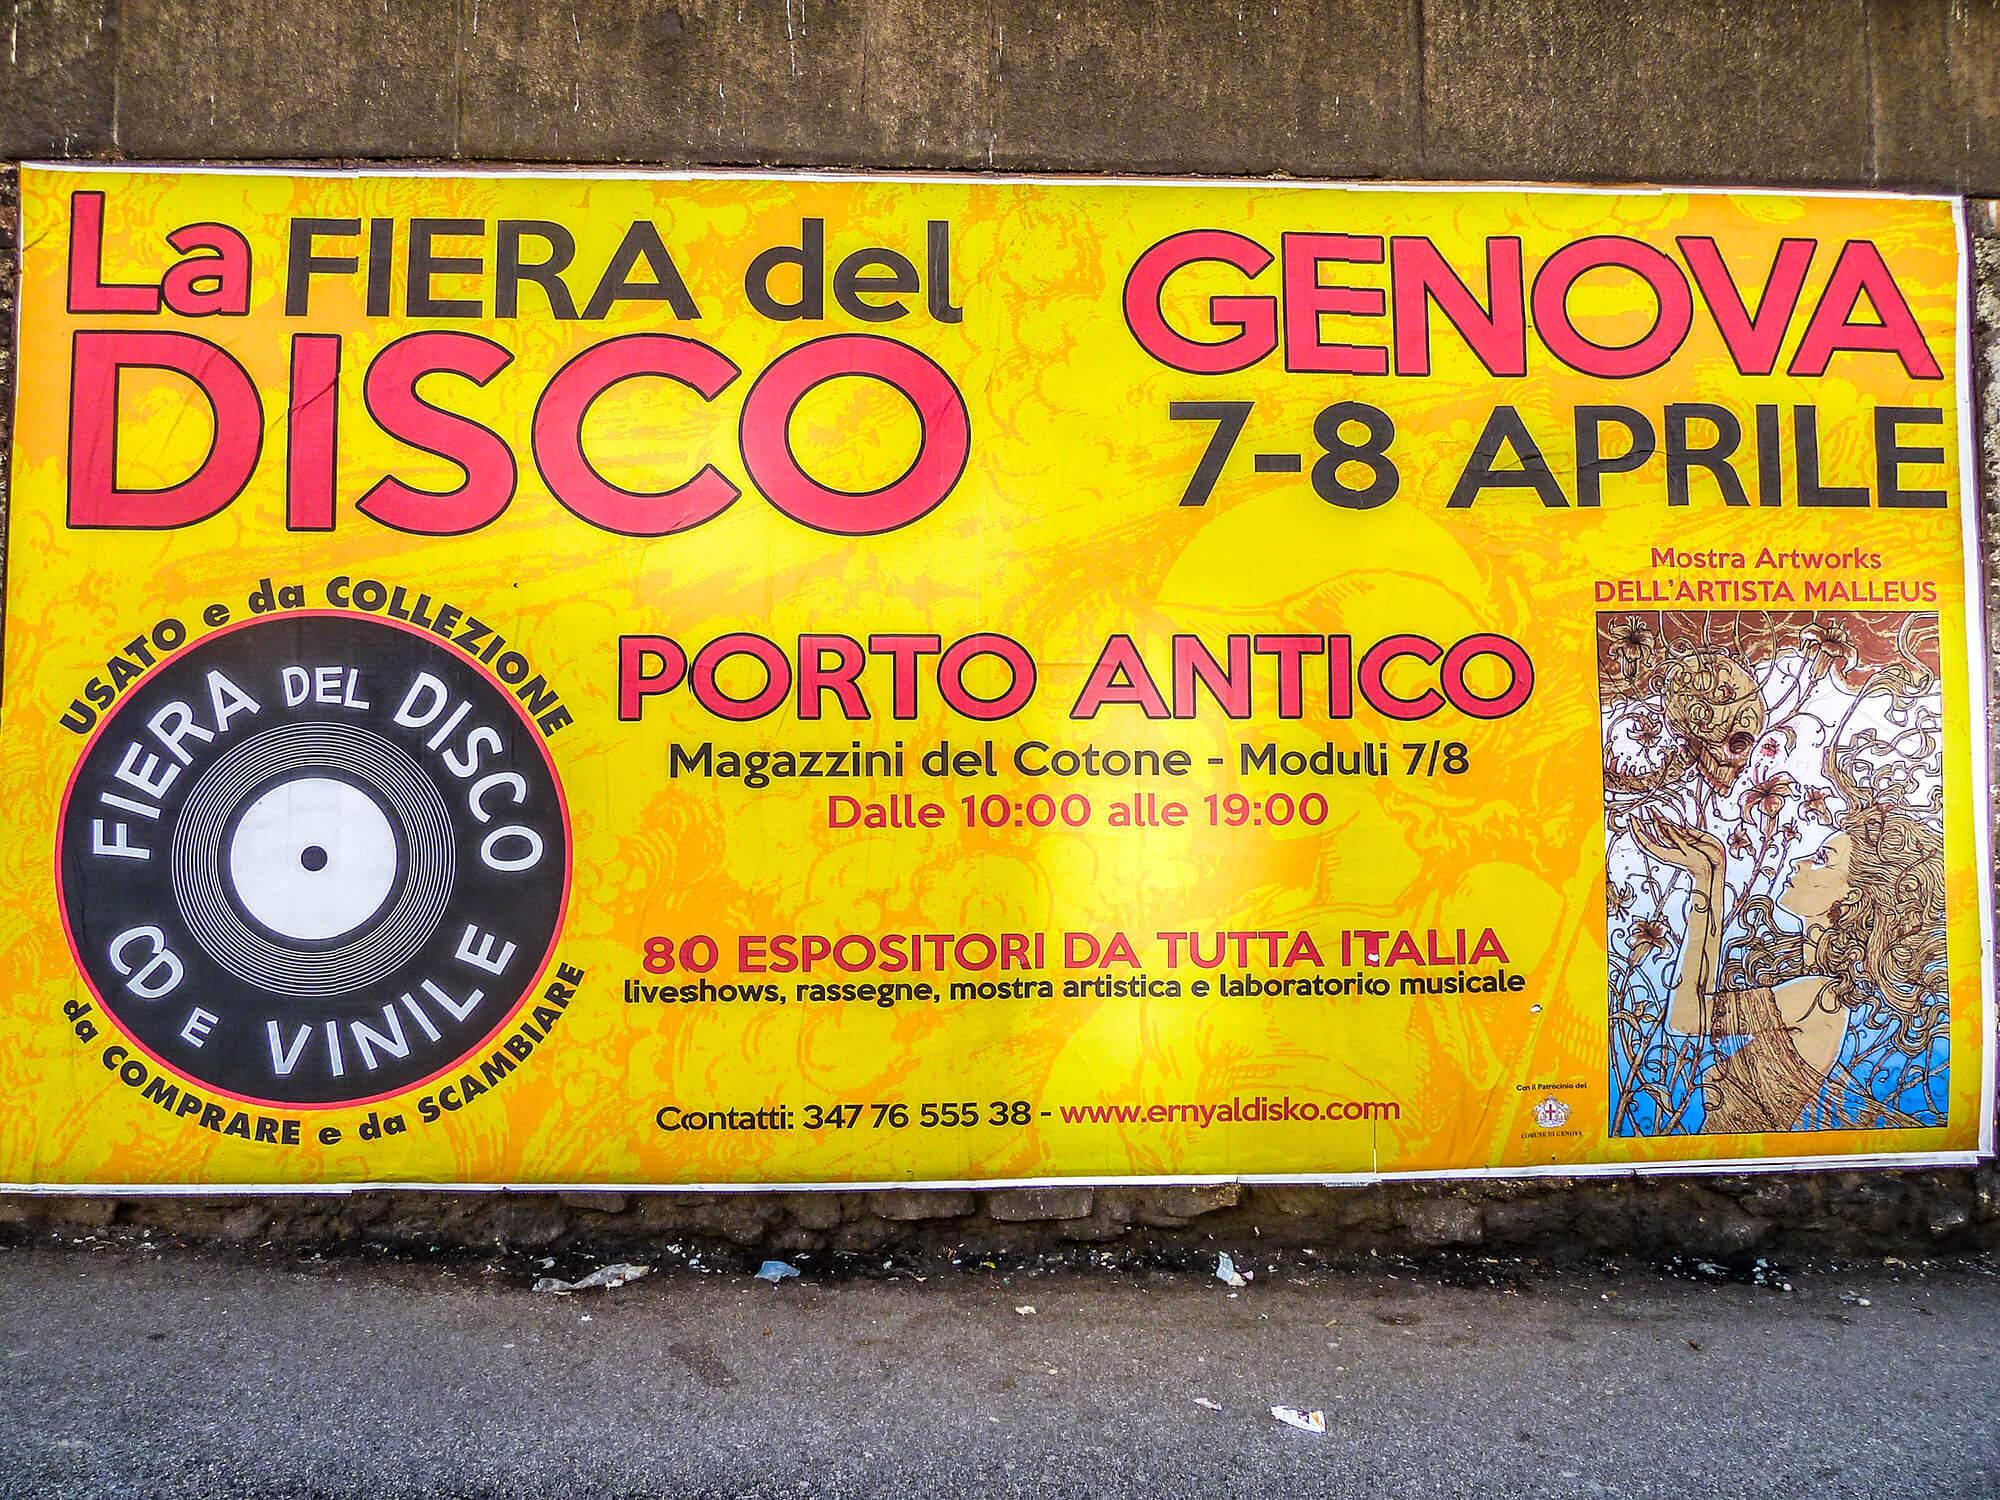 Calendario Fiere Toscana 2020.Calendario Fiere Ernyaldisko